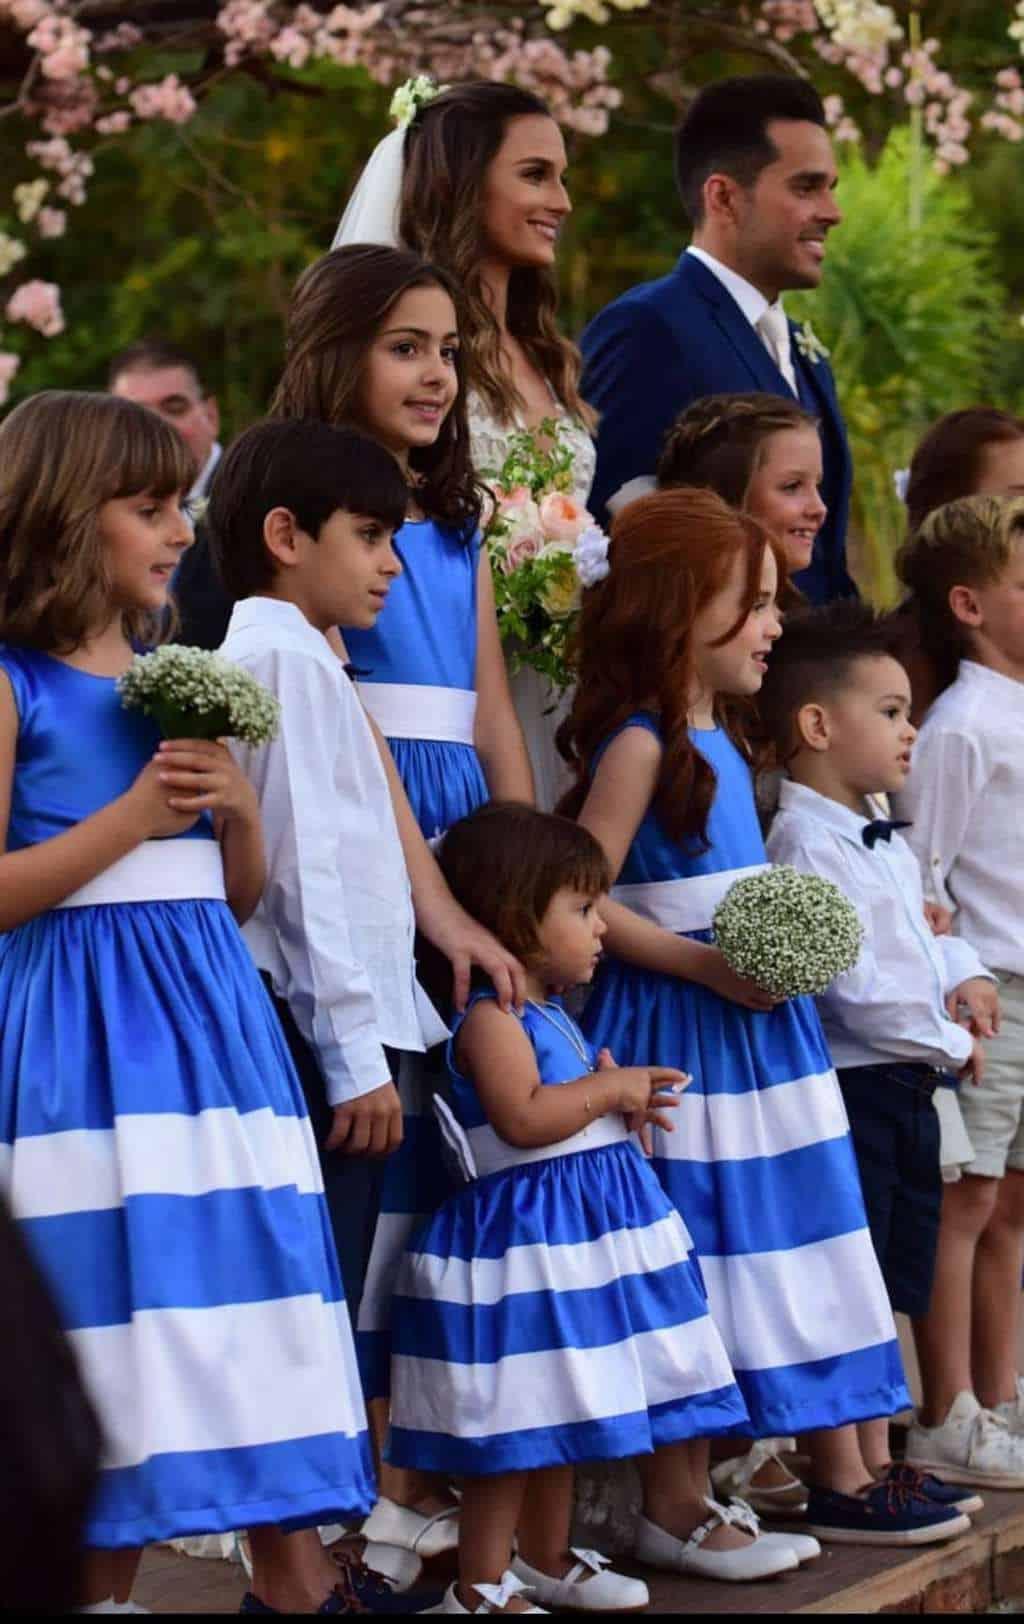 casamento-boho-Casamento-Nicolle-e-Pedro-casamento-rosa-Estalagem-Alter-Real-Fotografia-Estudio-Maria-Celia-Siqueira-Fotografia-Rosana-Sales-Goiania-Stories-12-e1537555355978